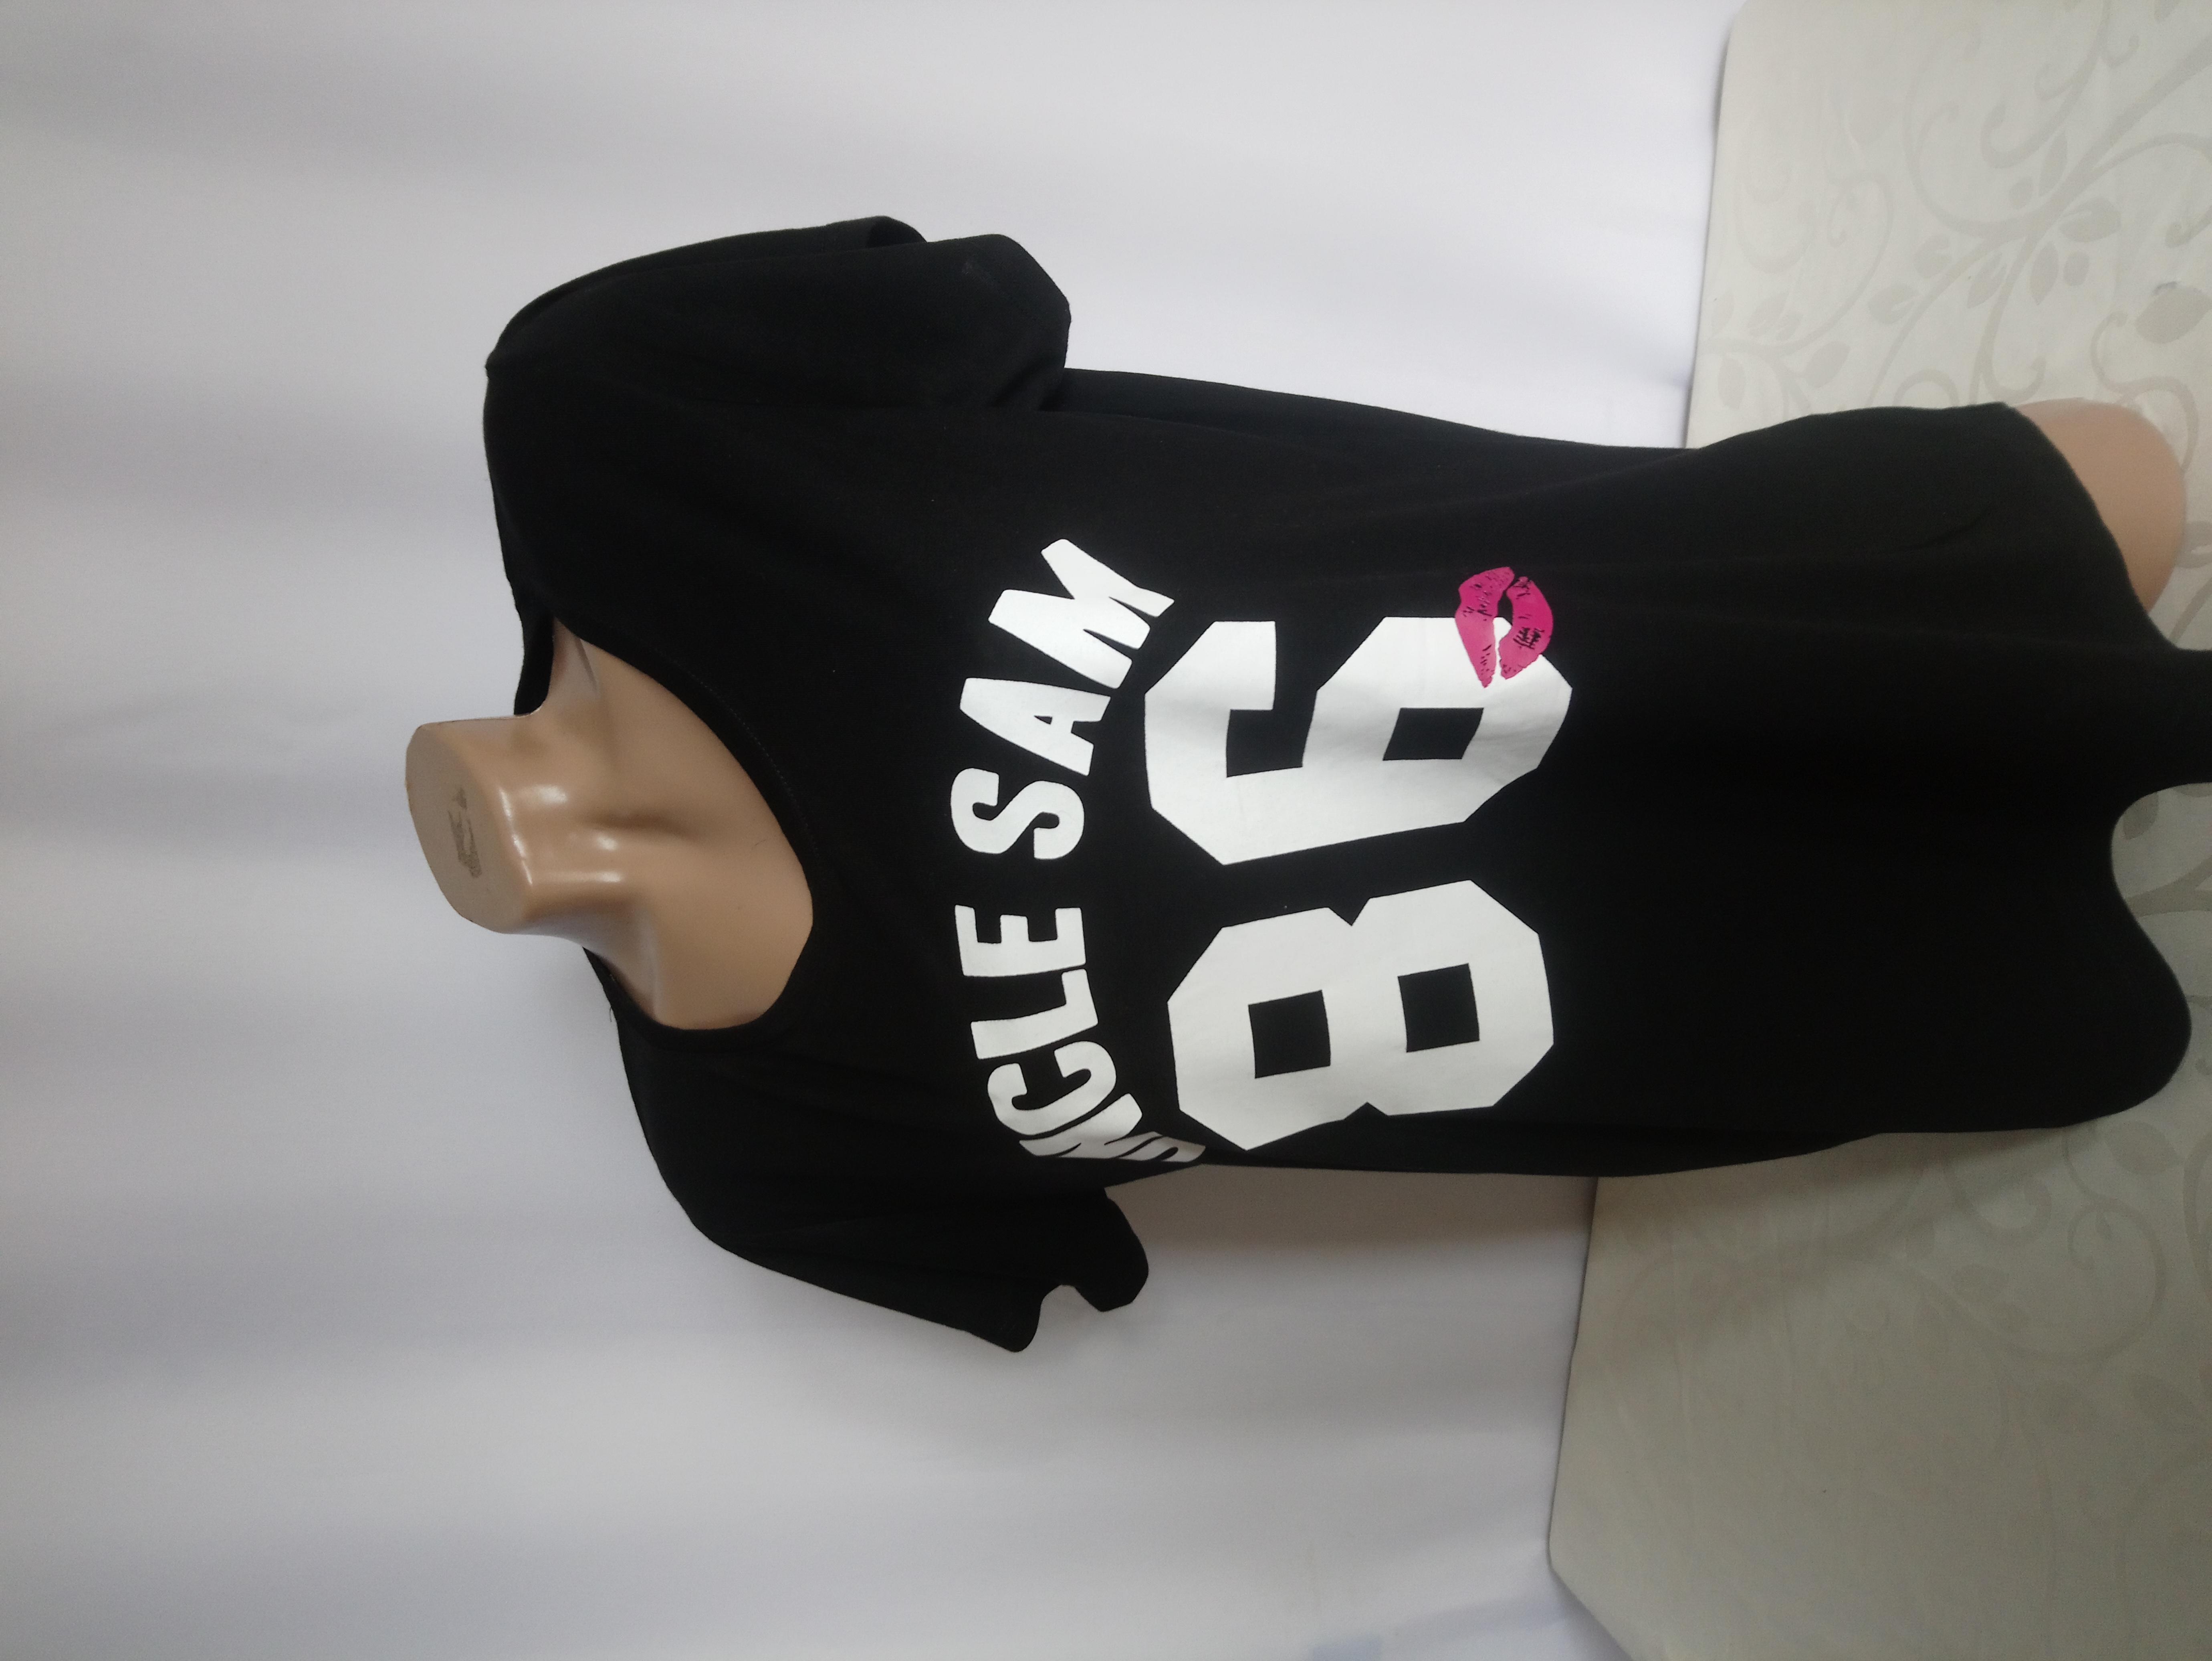 Lidl Германия Легкчайшая спортивная футболка Размеры